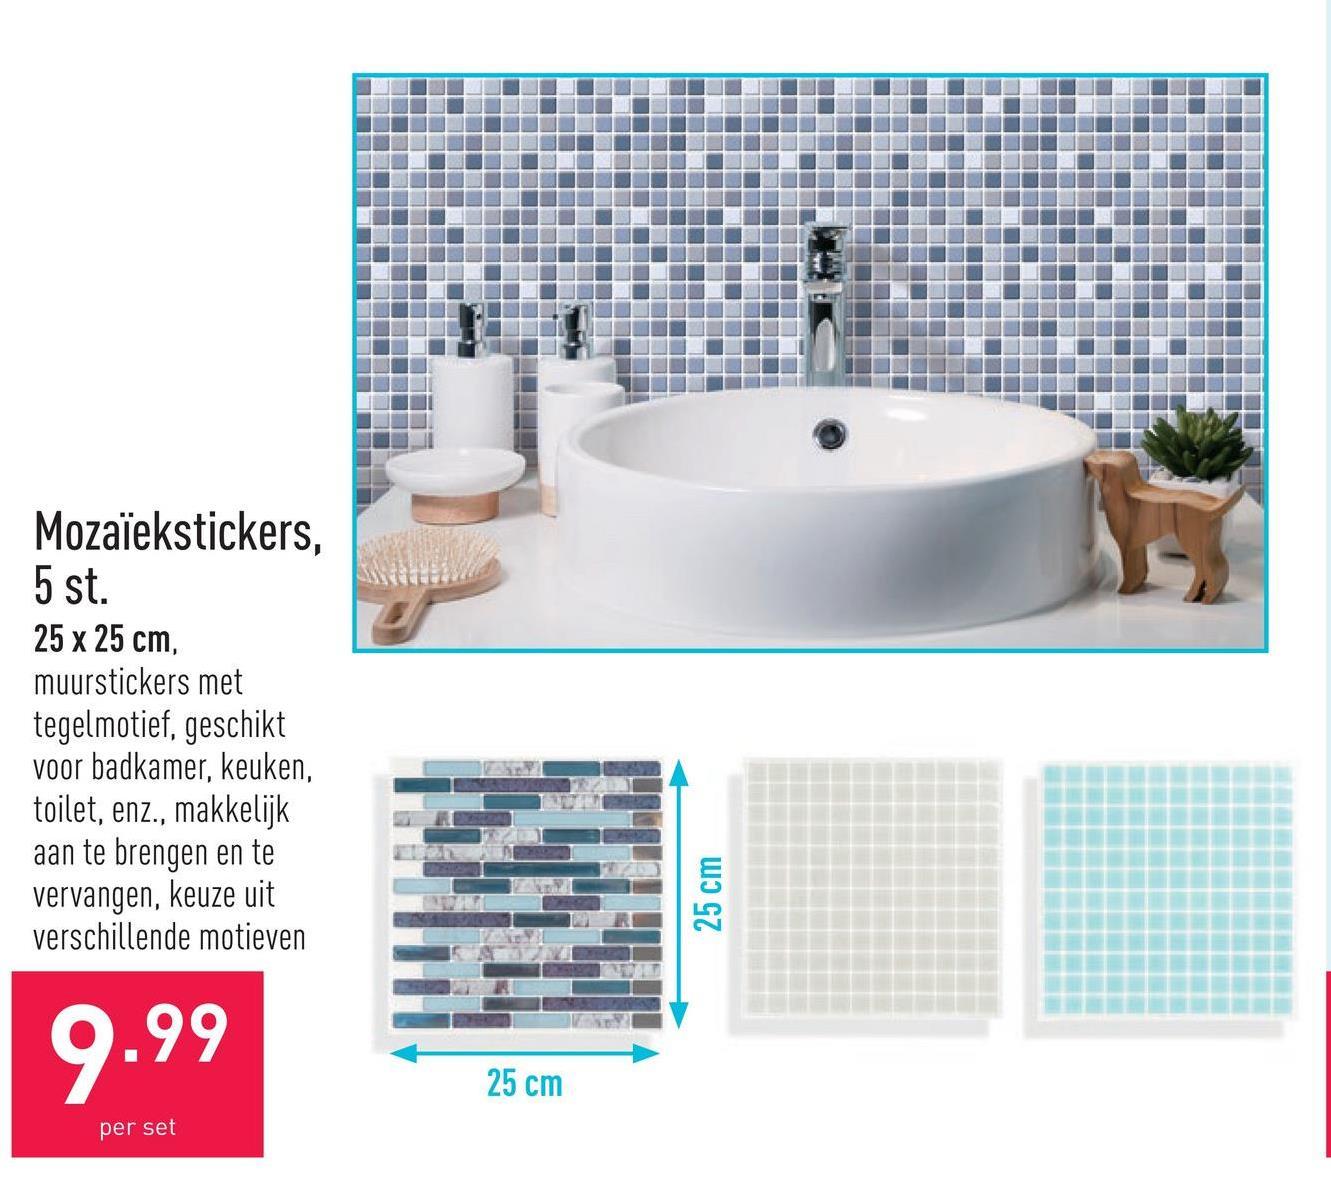 Mozaïekstickers, 5 st. 25 x 25 cm, muurstickers met tegelmotief, geschikt voor badkamer, keuken, toilet, enz., makkelijk aan te brengen en te vervangen, keuze uit verschillende motieven